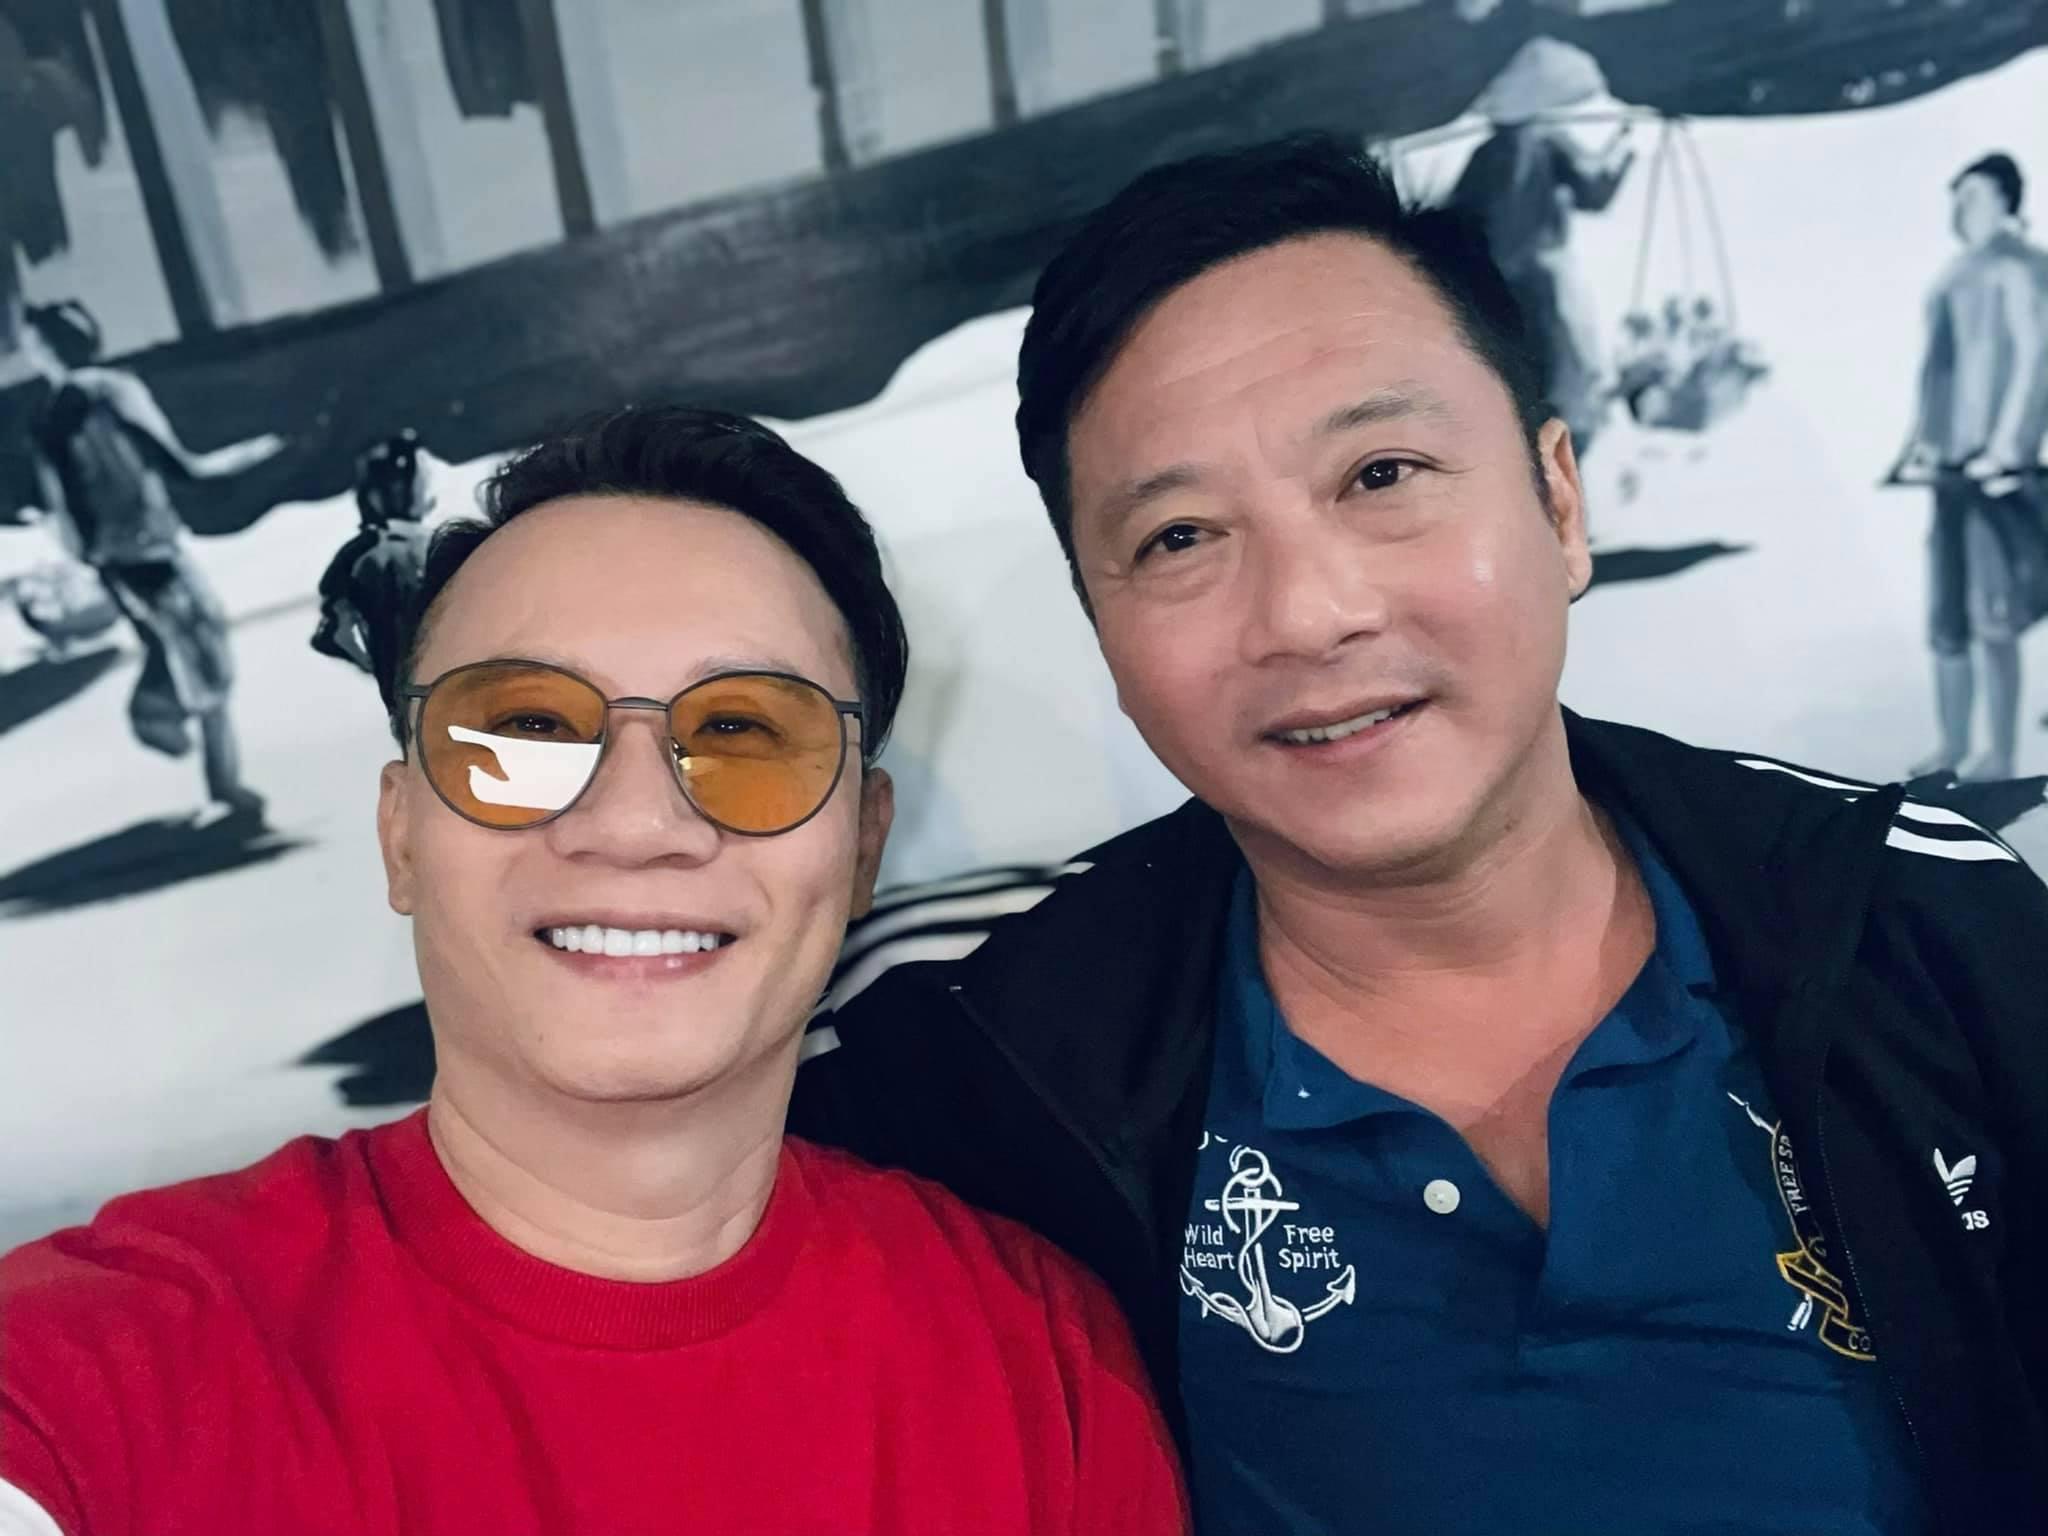 Hoàng Bách viết tâm thư bày tỏ tình cảm, sự ngưỡng mộ và trân trọng dành cho cựu danh thủ Lê Huỳnh Đức.